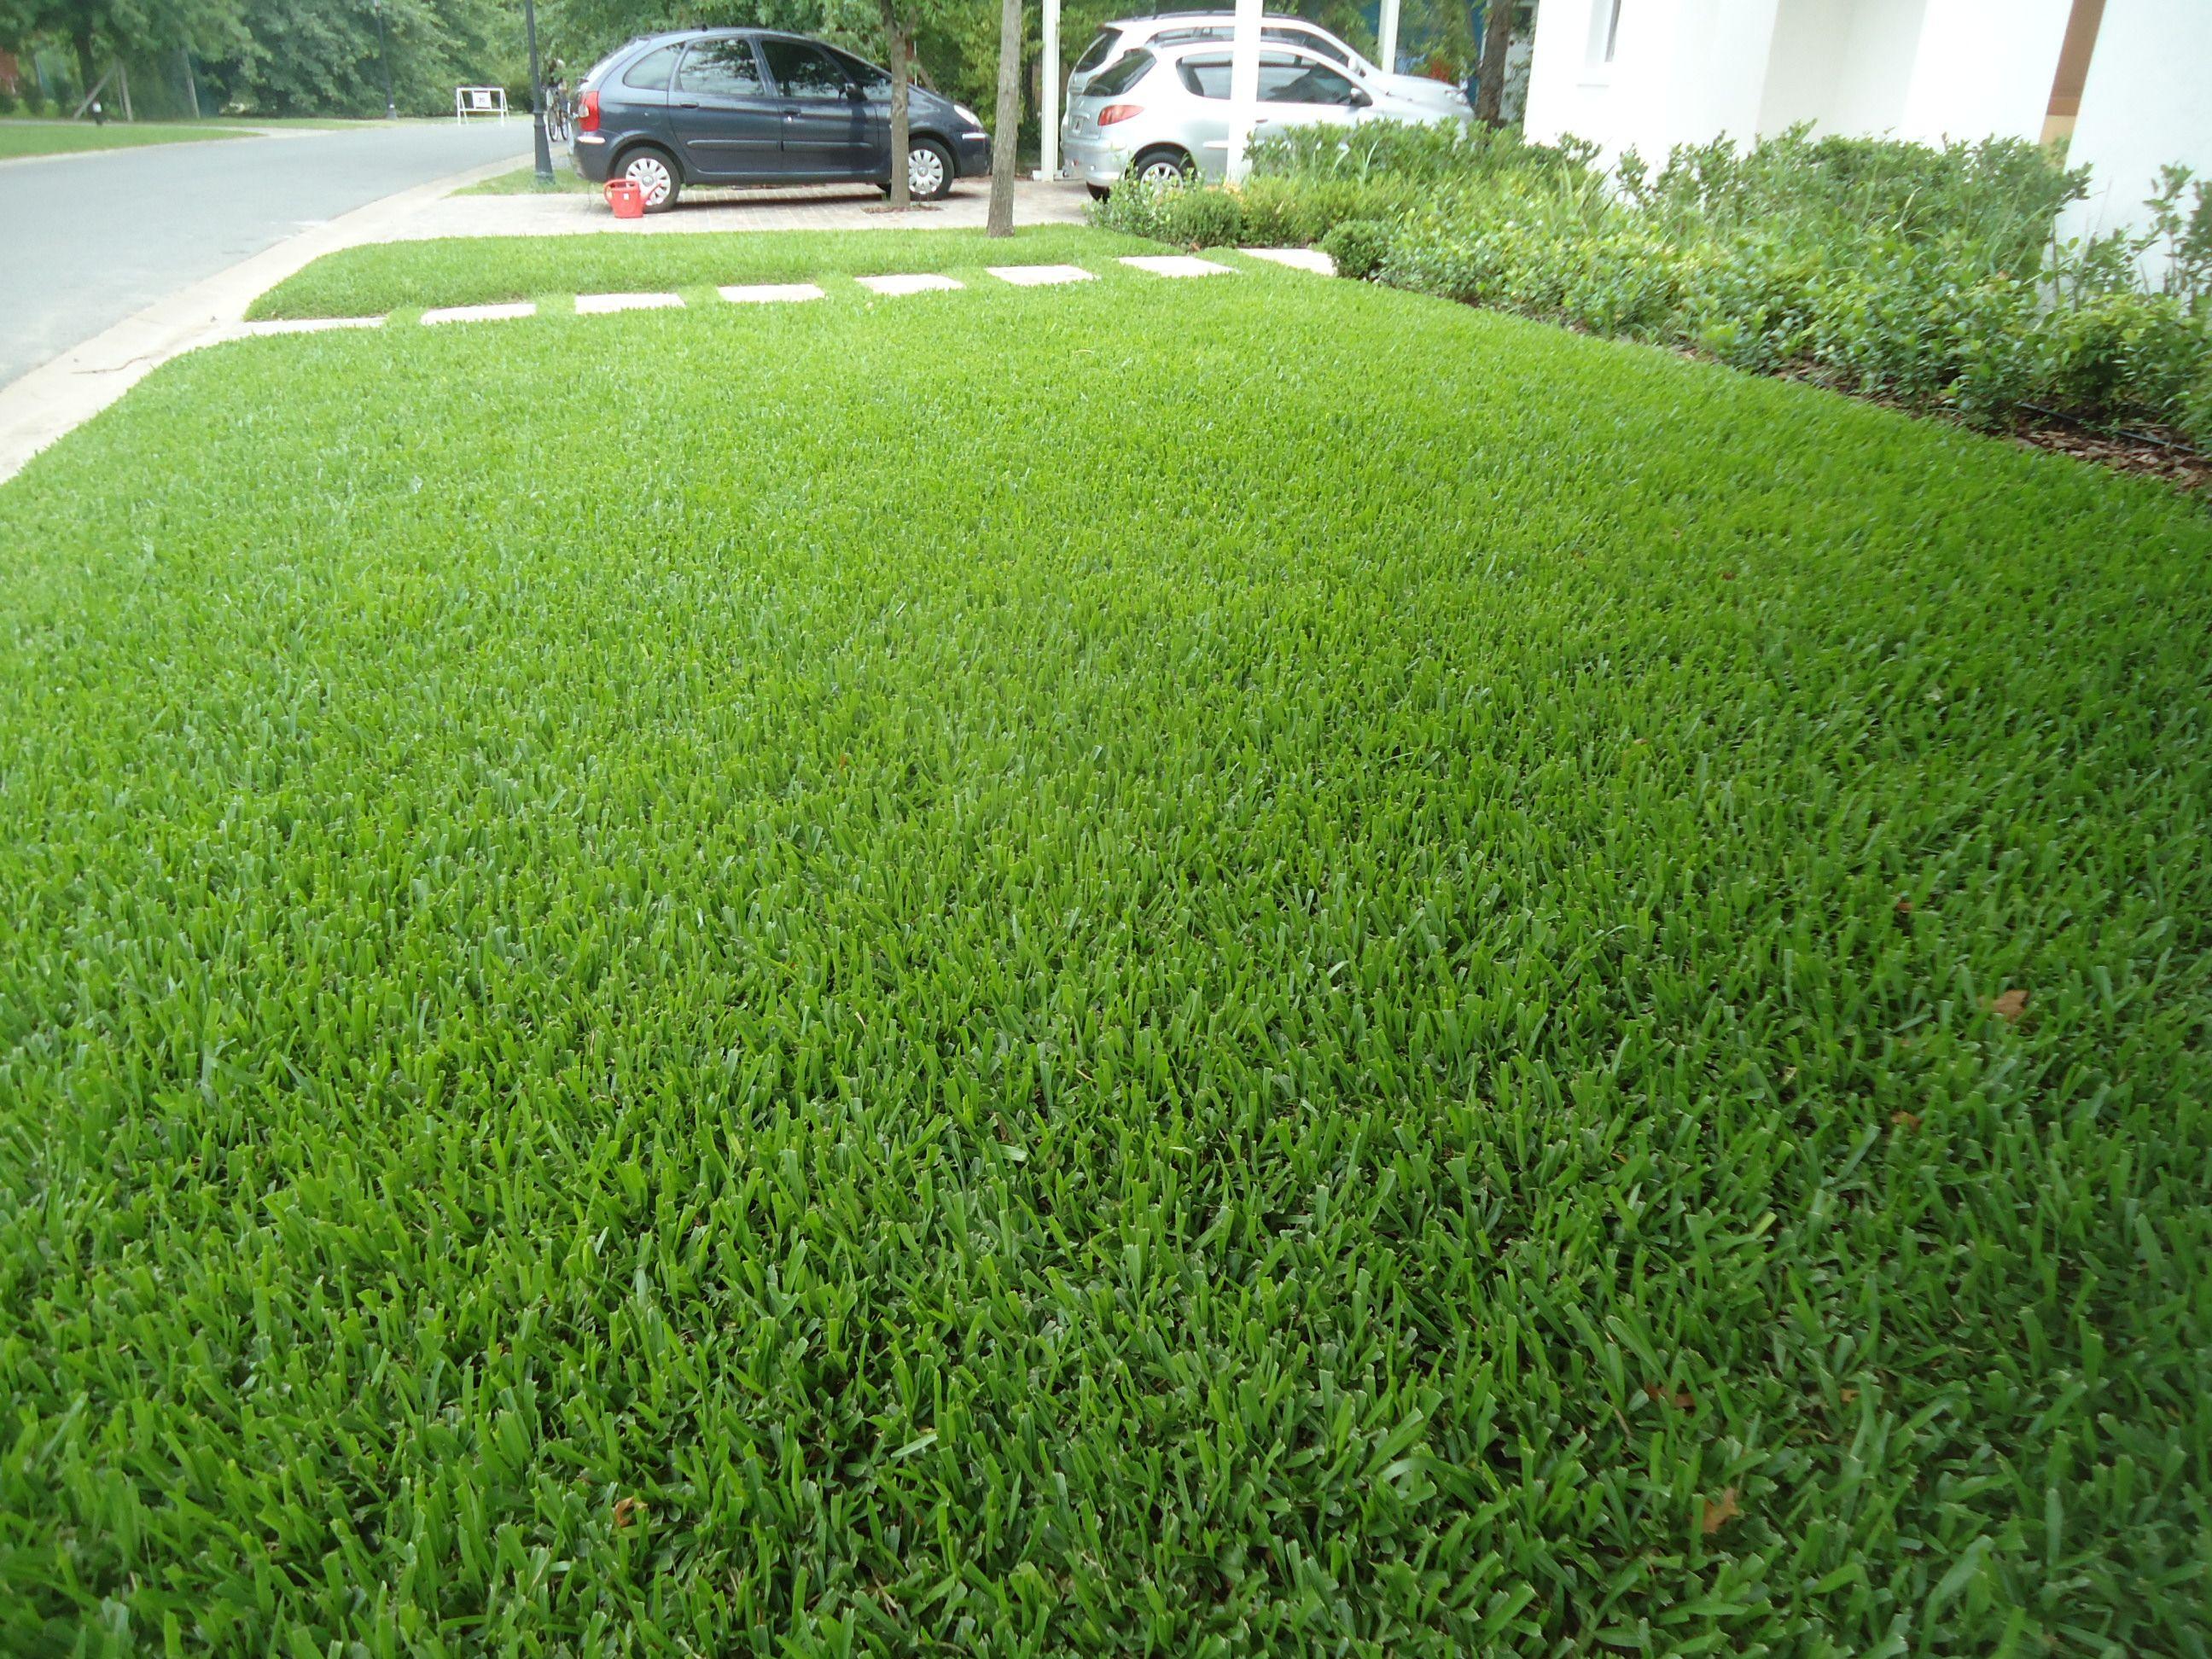 oda al verde grama bahiana en jardin de entrada front